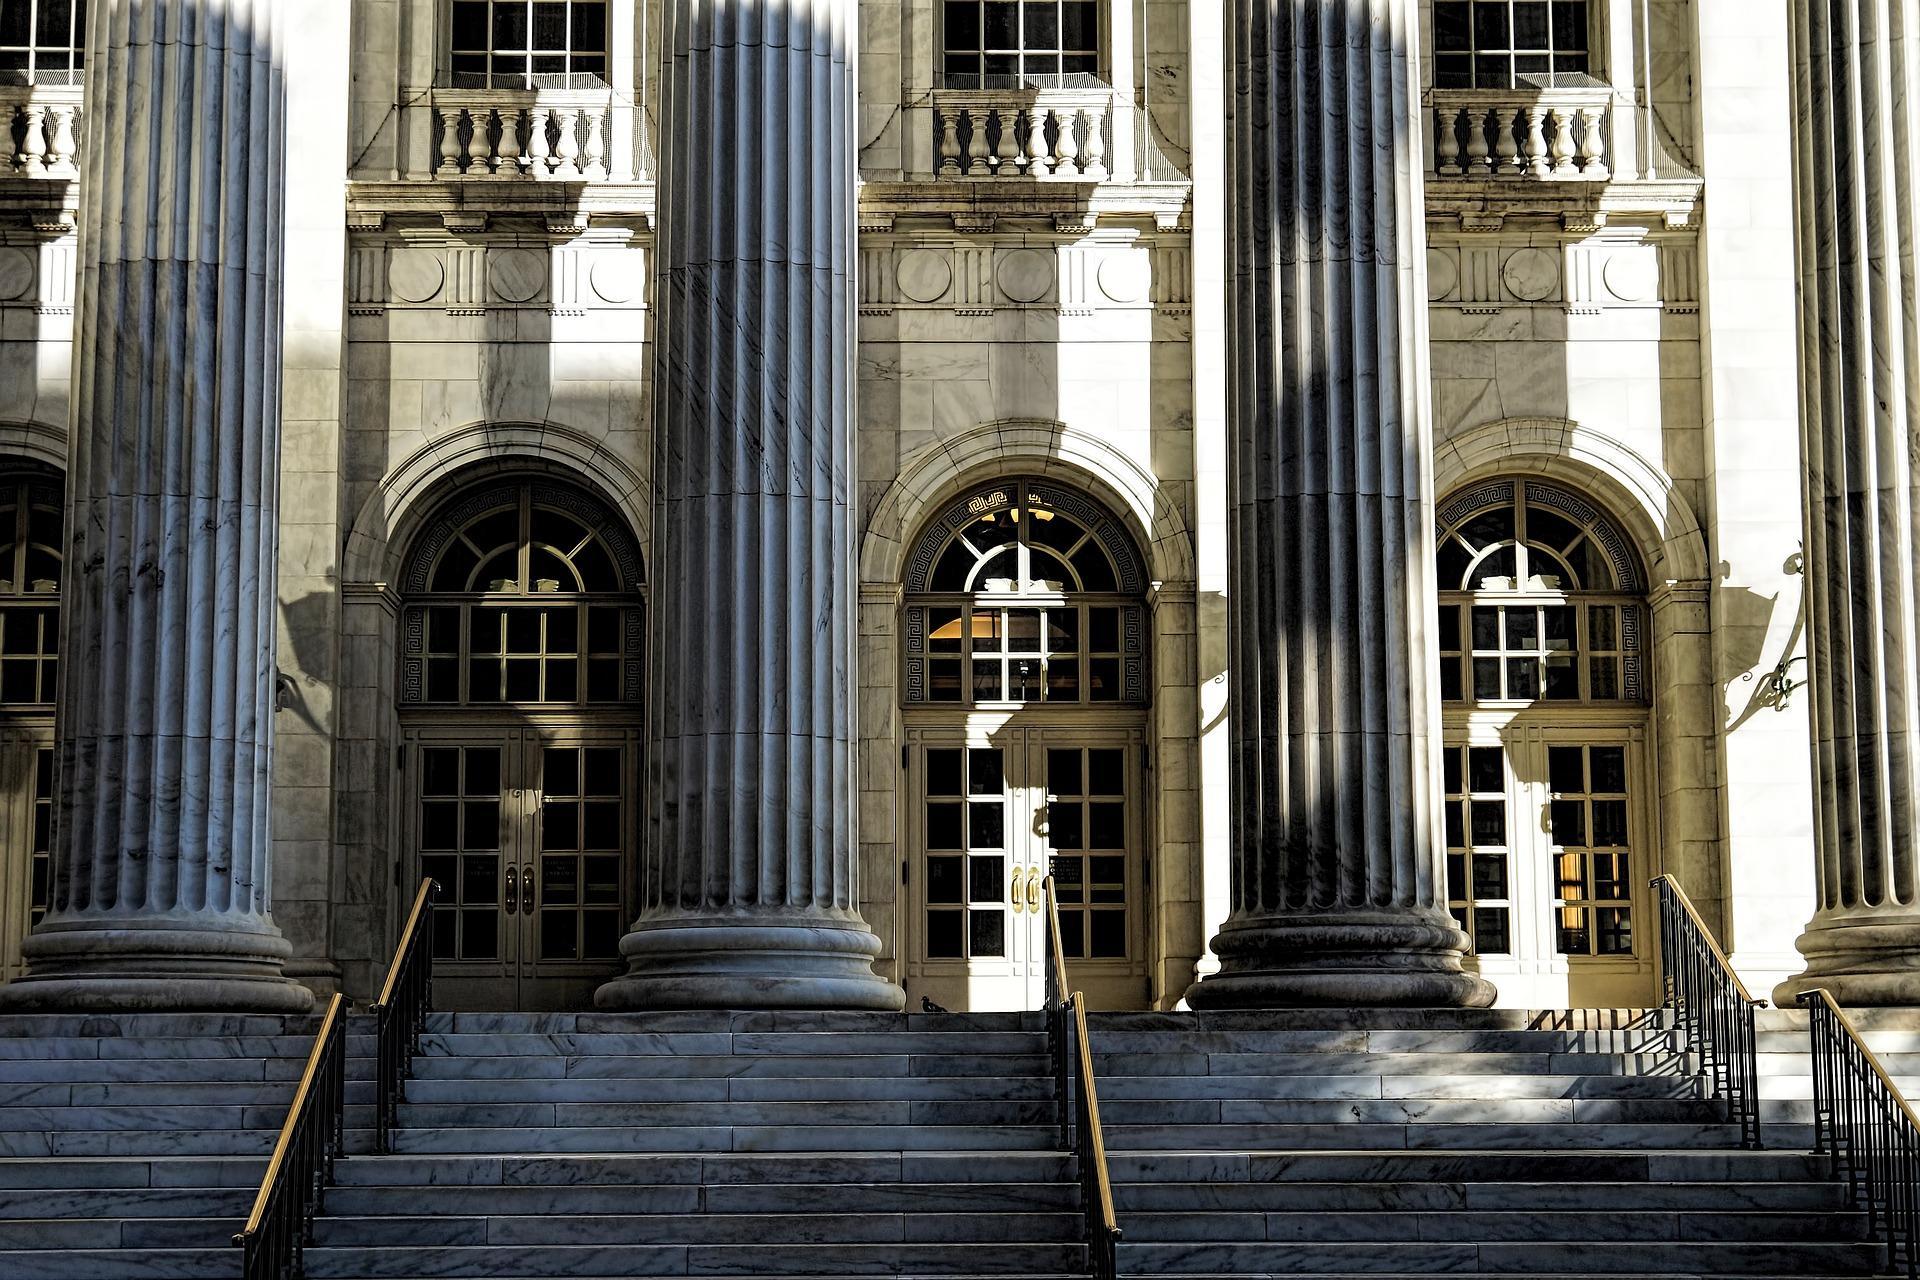 Keine Kostenbegünstigung für Patenttrolle